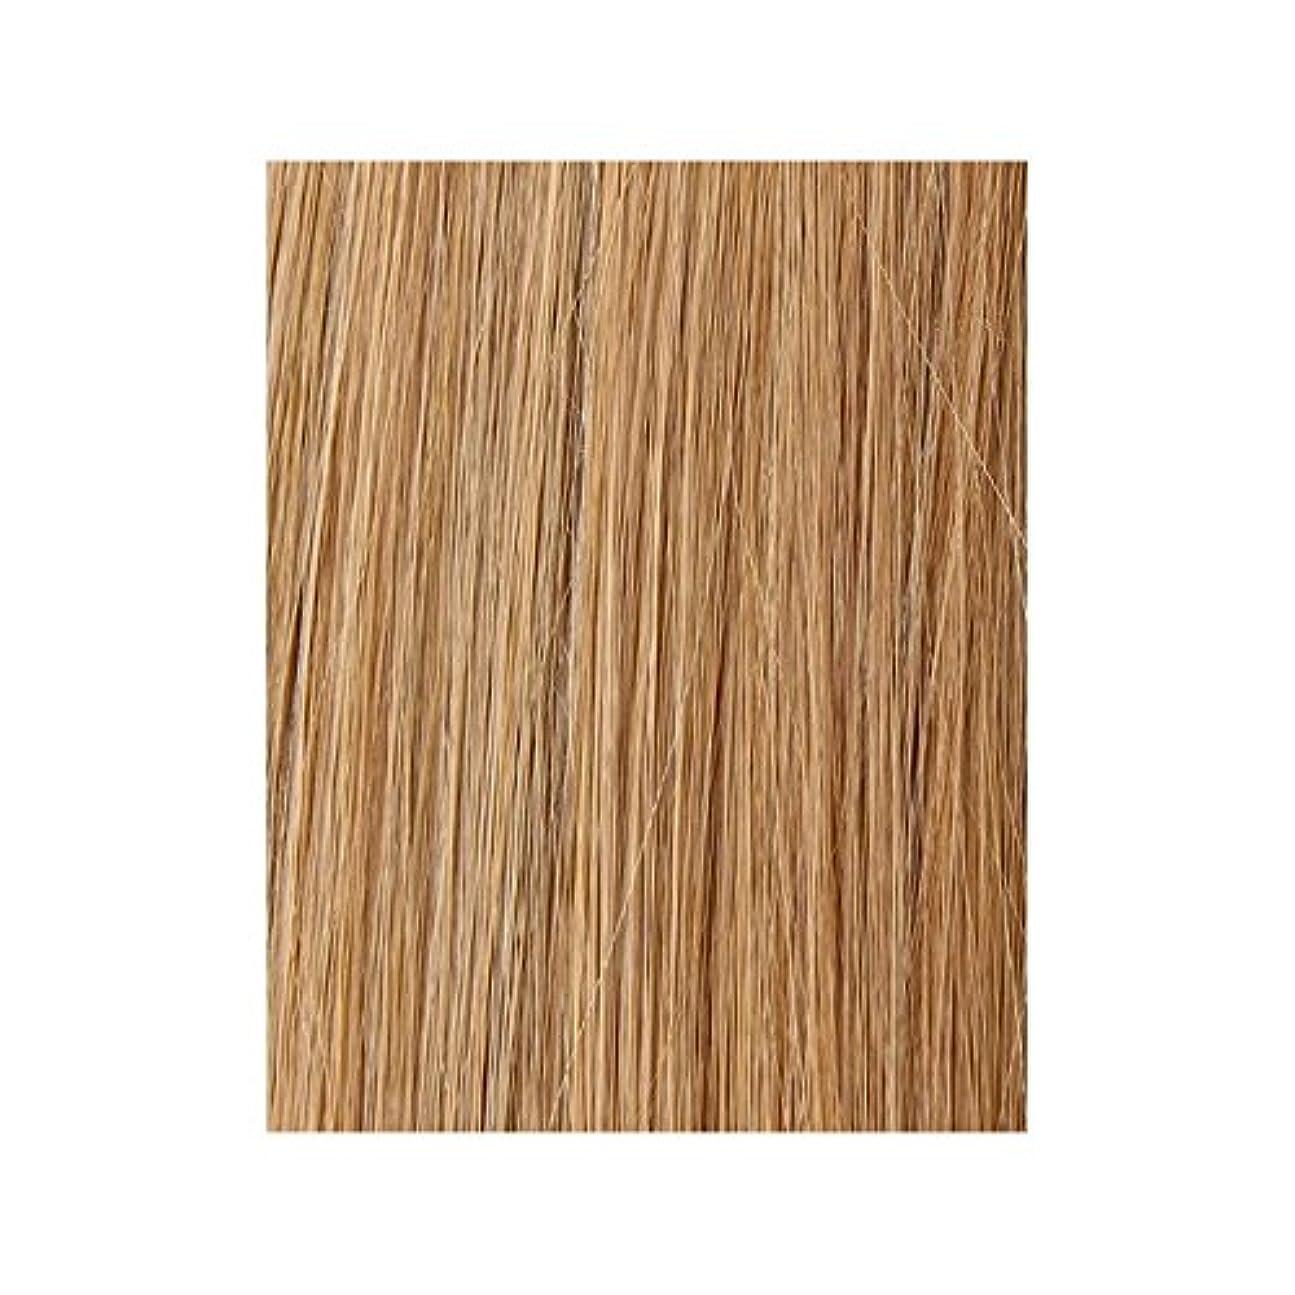 ガチョウ規則性逃げる美しさは、100%レミー色見本ヘアエクステンションを作品 - ブロンド日焼けした10/14/16 x2 - Beauty Works 100% Remy Colour Swatch Hair Extension - Tanned Blonde 10/14/16 (Pack of 2) [並行輸入品]